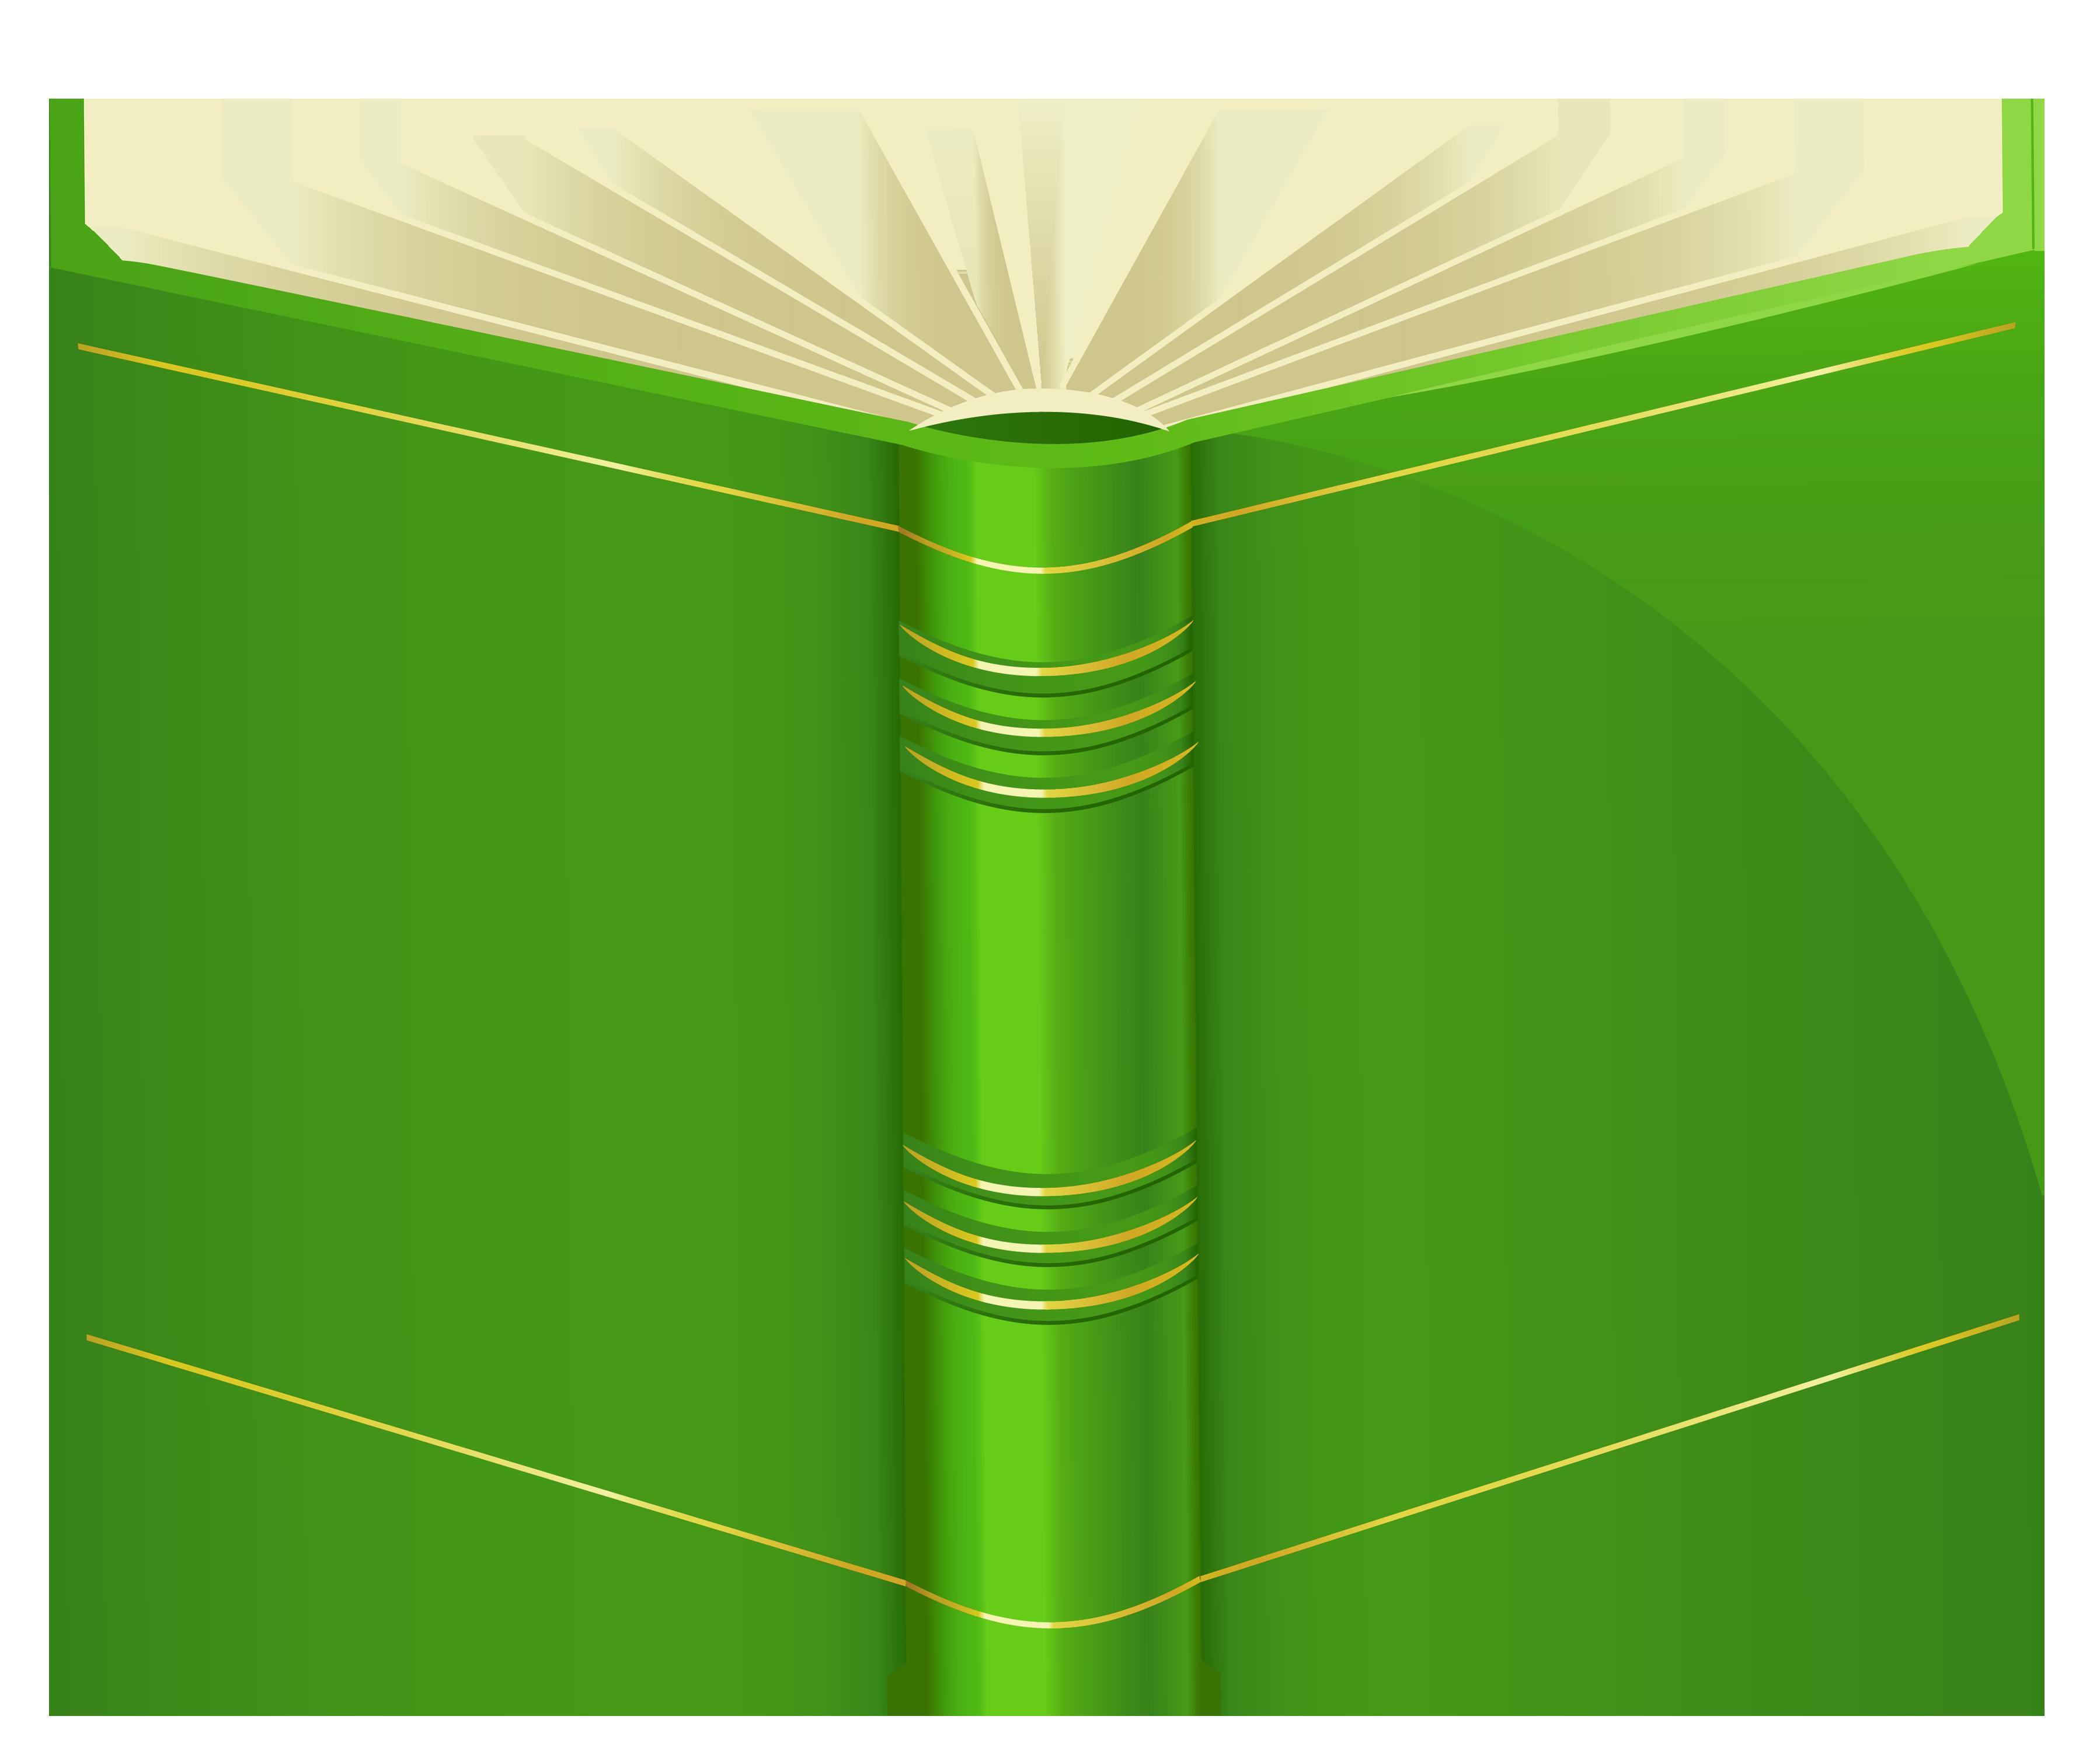 svg transparent stock Green book png best. Books clipart rectangular